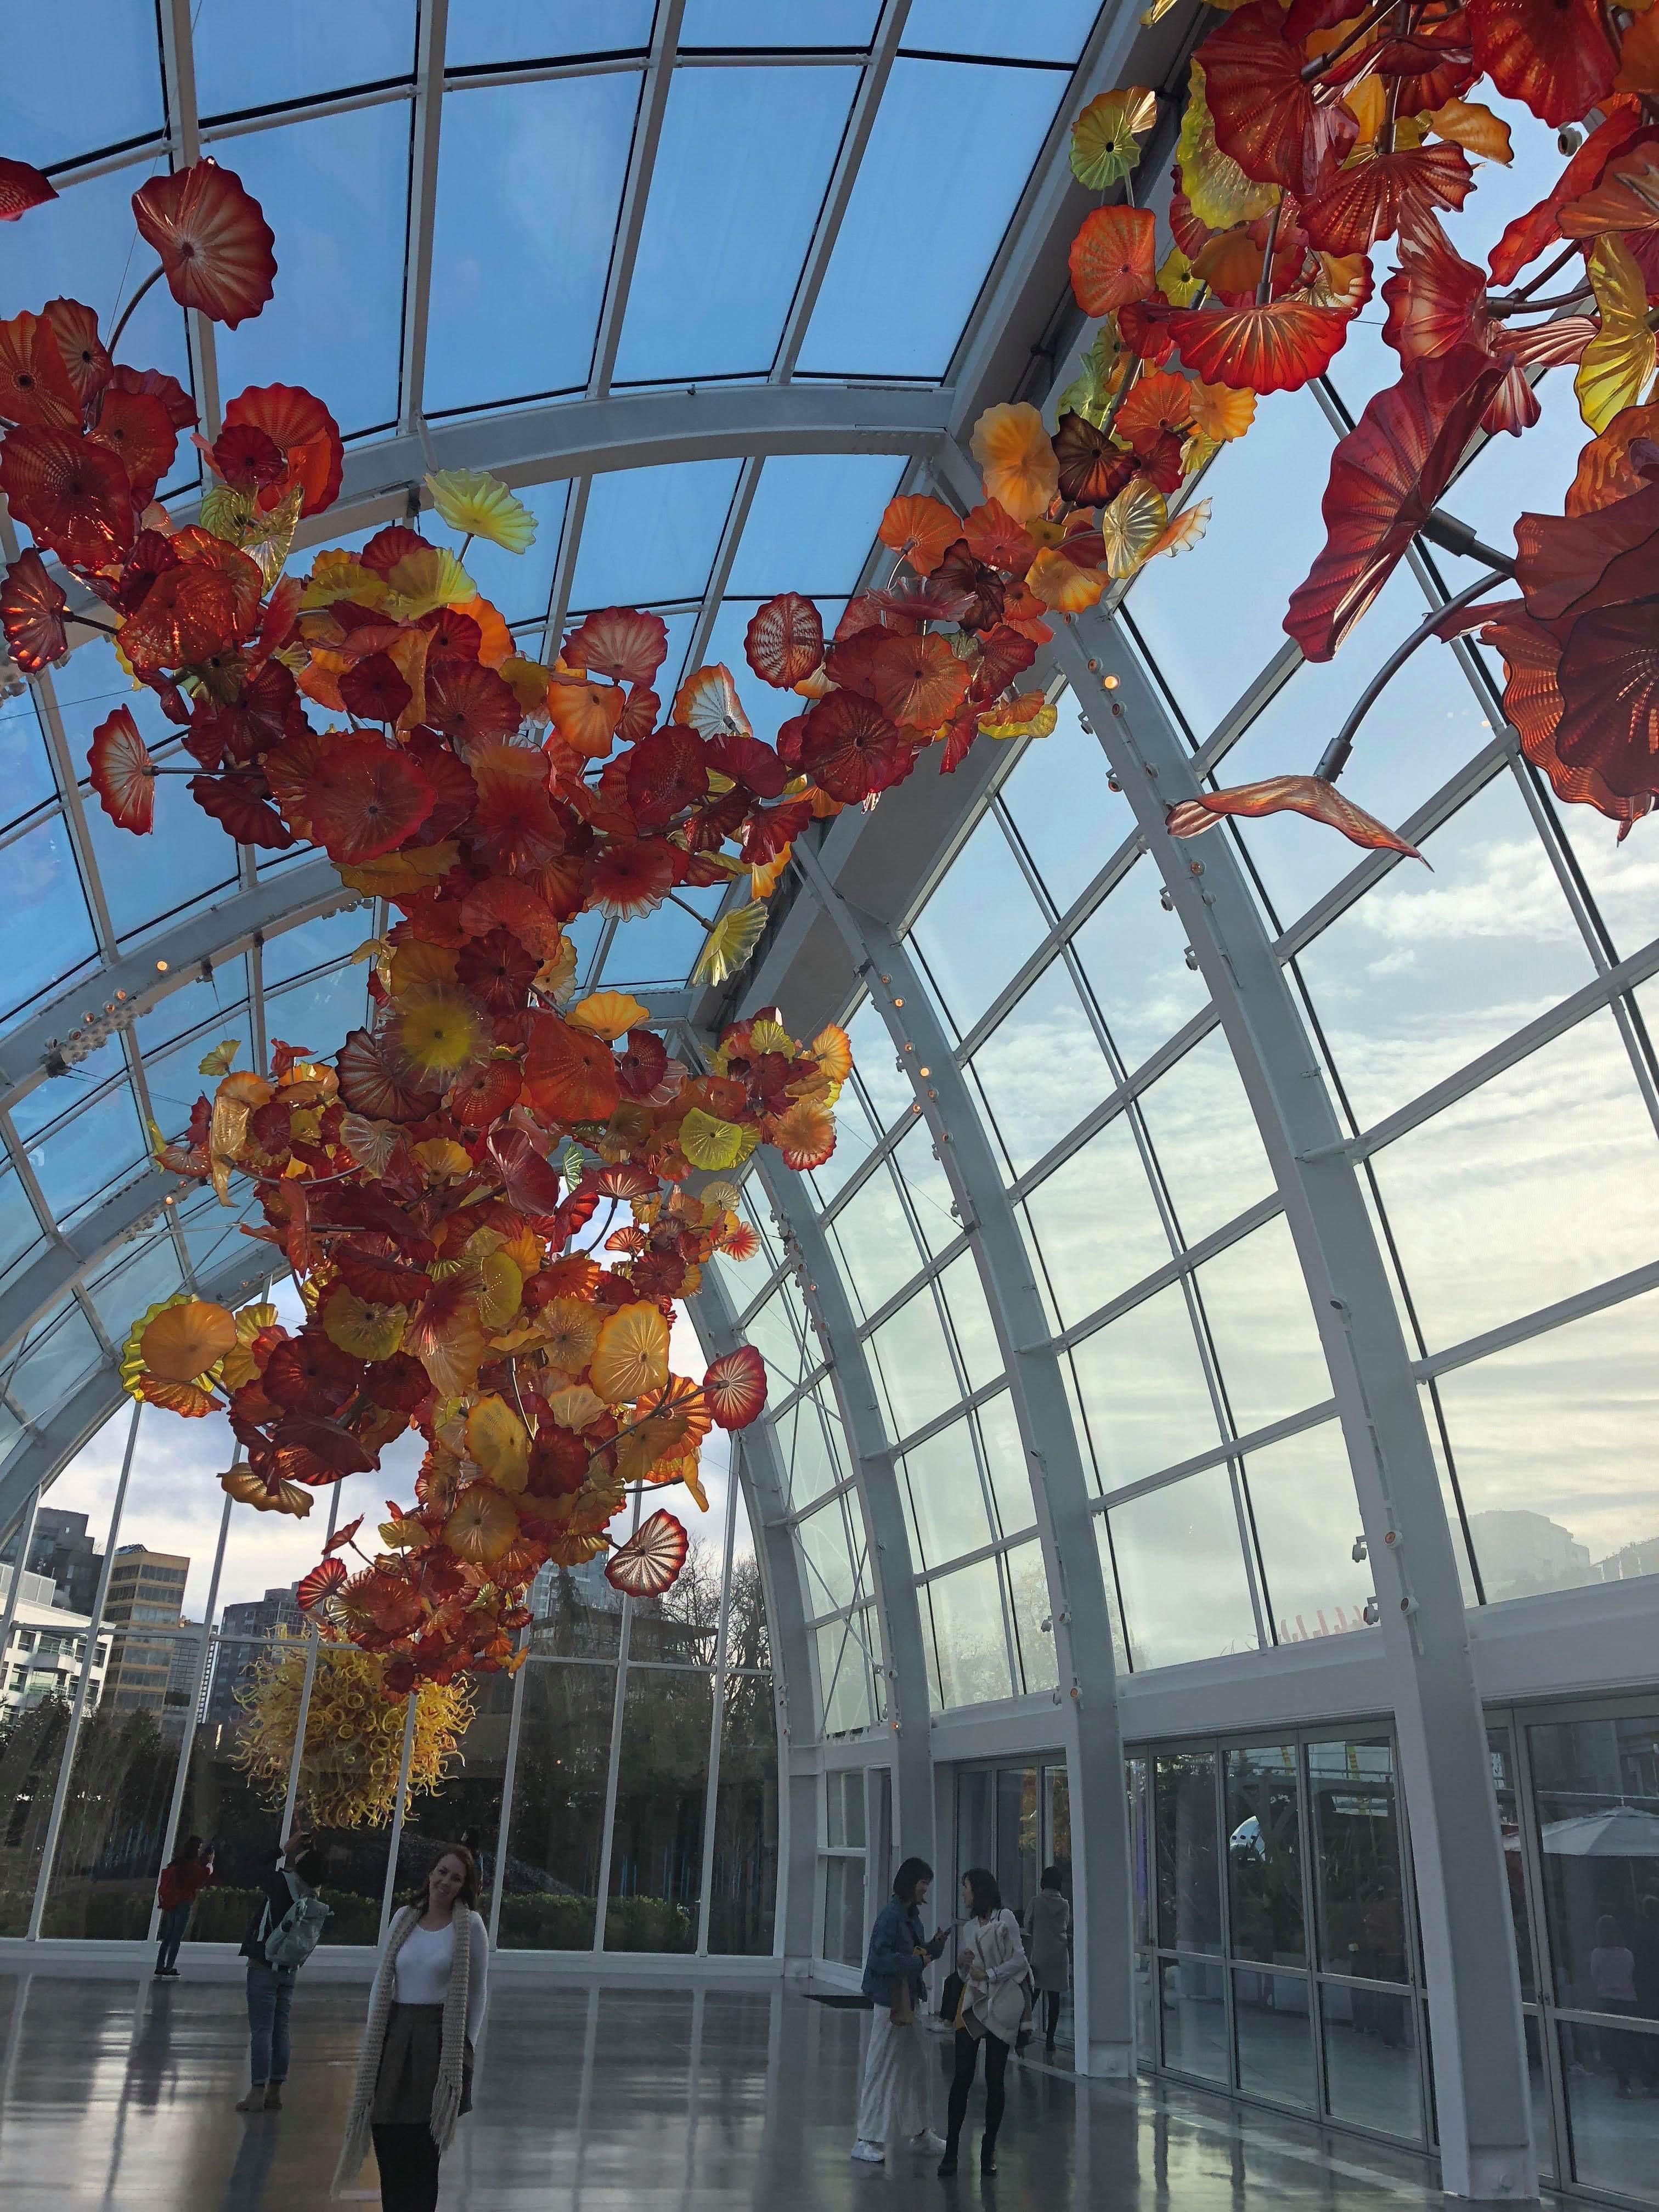 Indoor glass museum